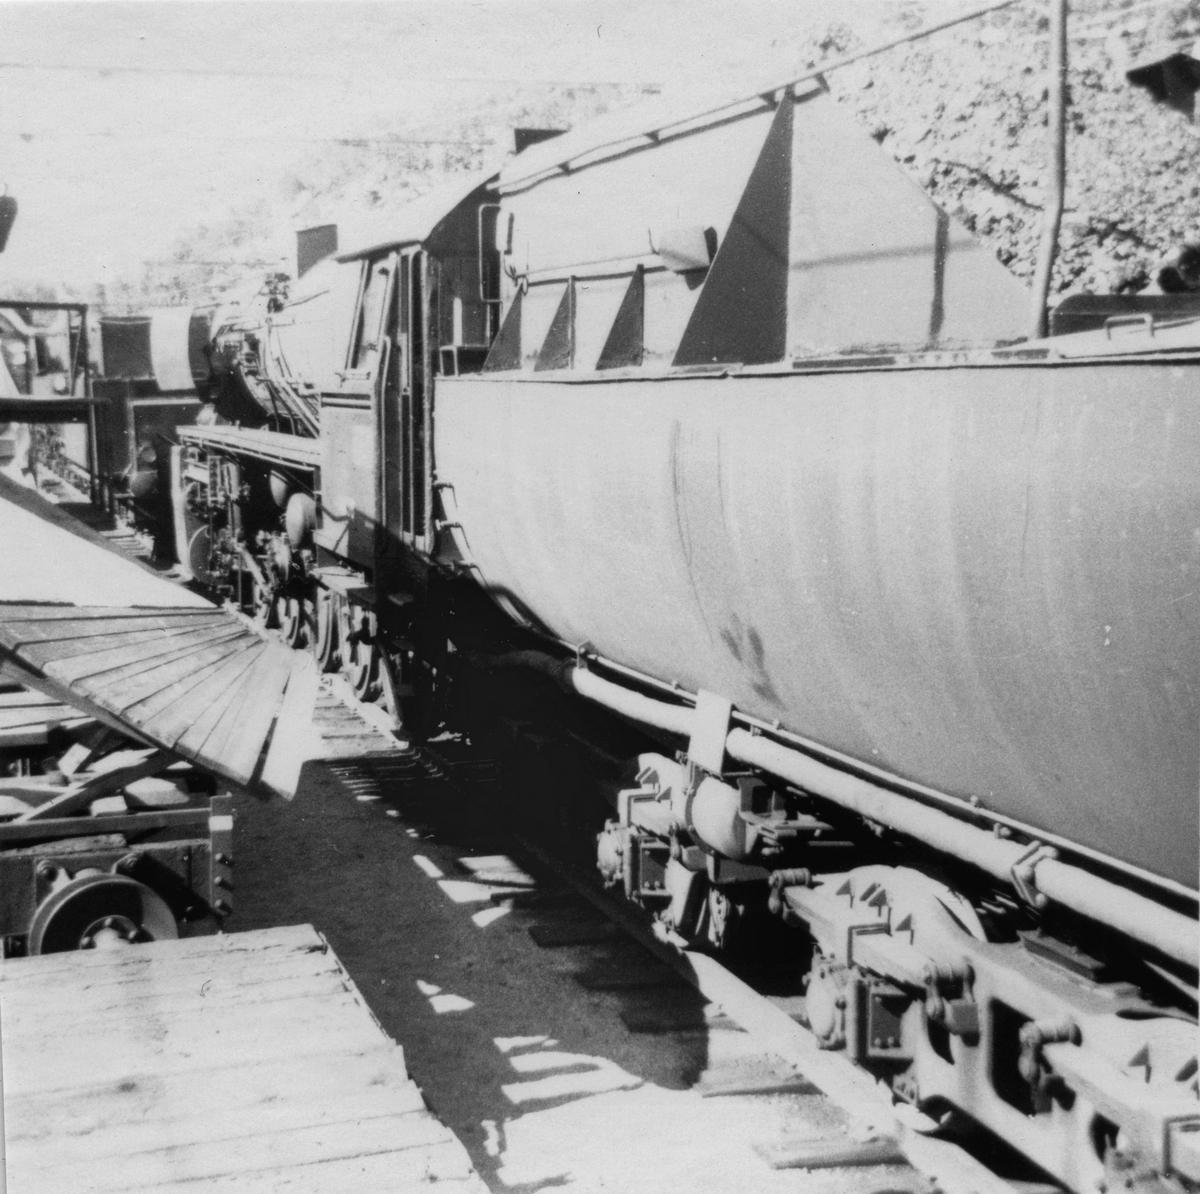 """""""Stortysker"""", damplokomotiv type 63a nr. 4836, hensatt på Krossen ved Kristiansand. Lokomotivet ble formelt utrangert i 1970."""